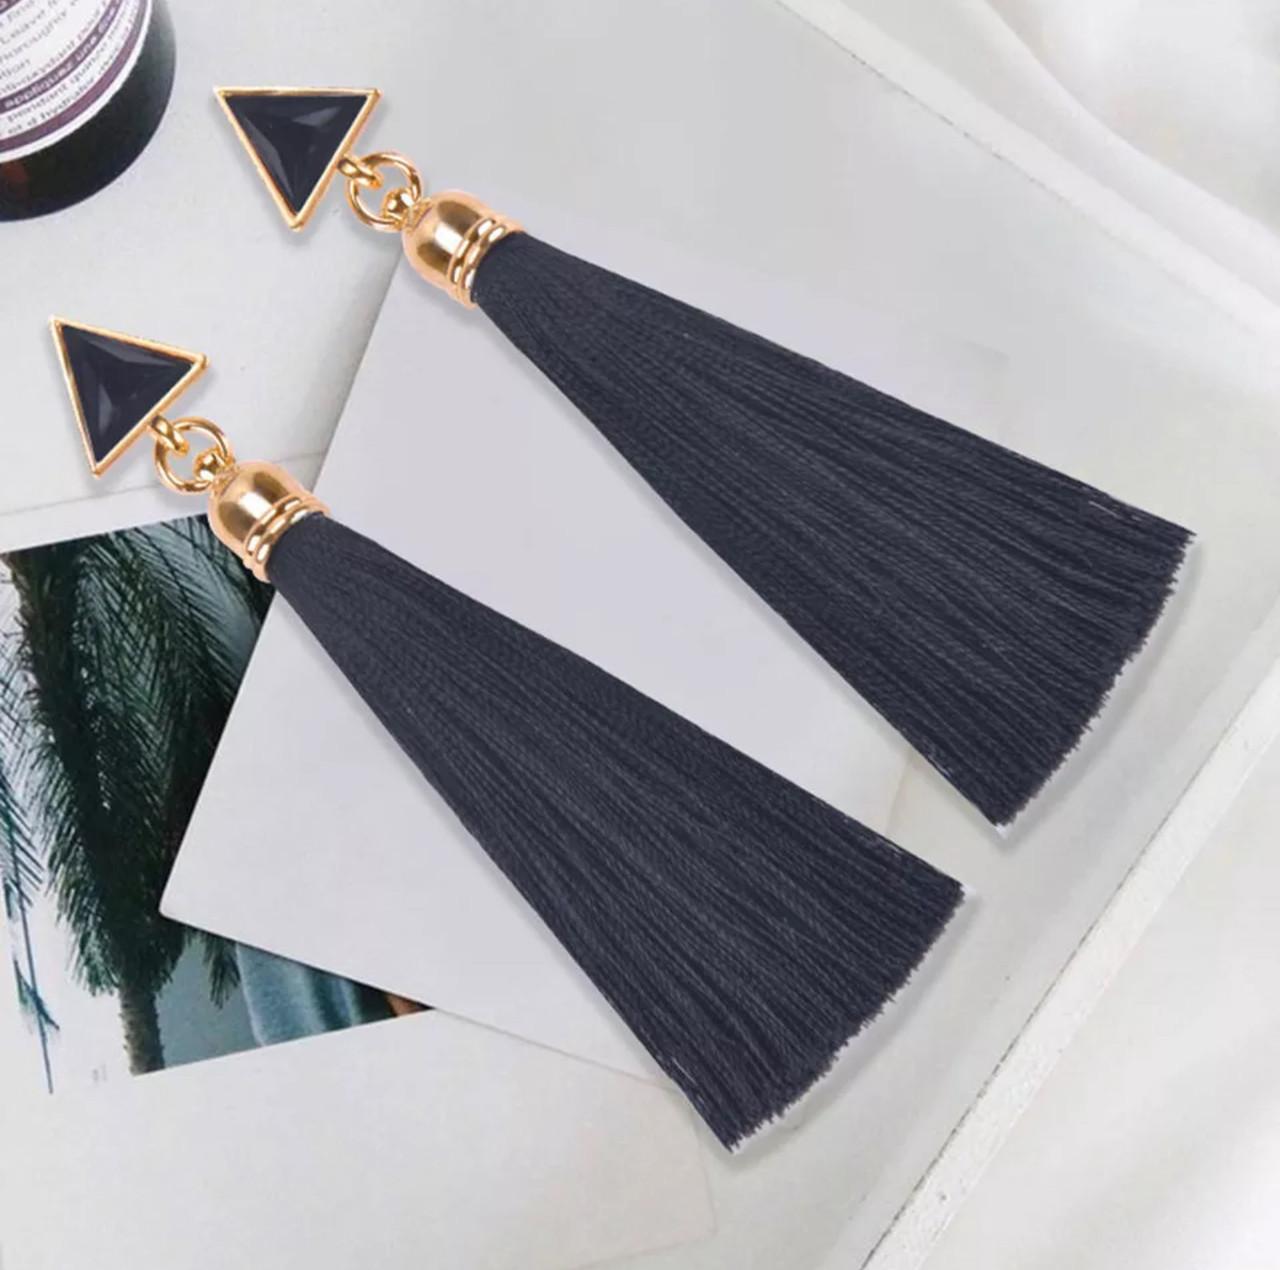 Серьги/сережки женские длинные кисточки из ниток с подвеской «Art deco»(черный)